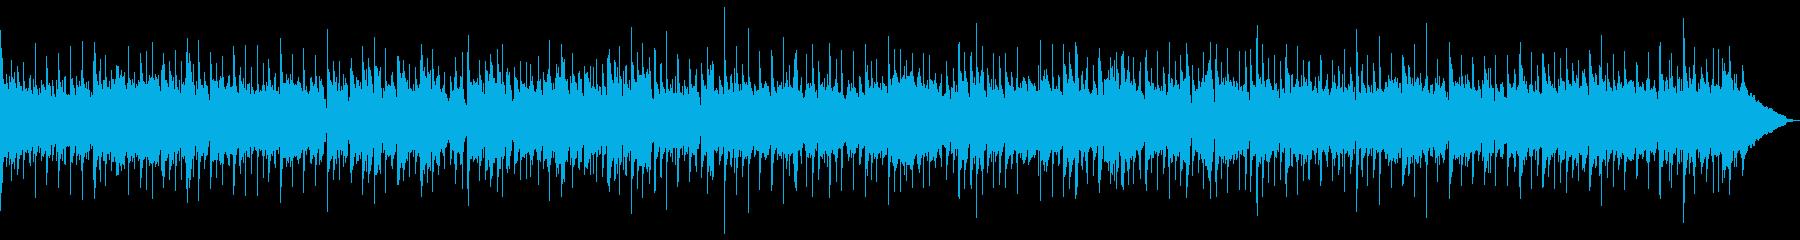 カントリー風の再生済みの波形